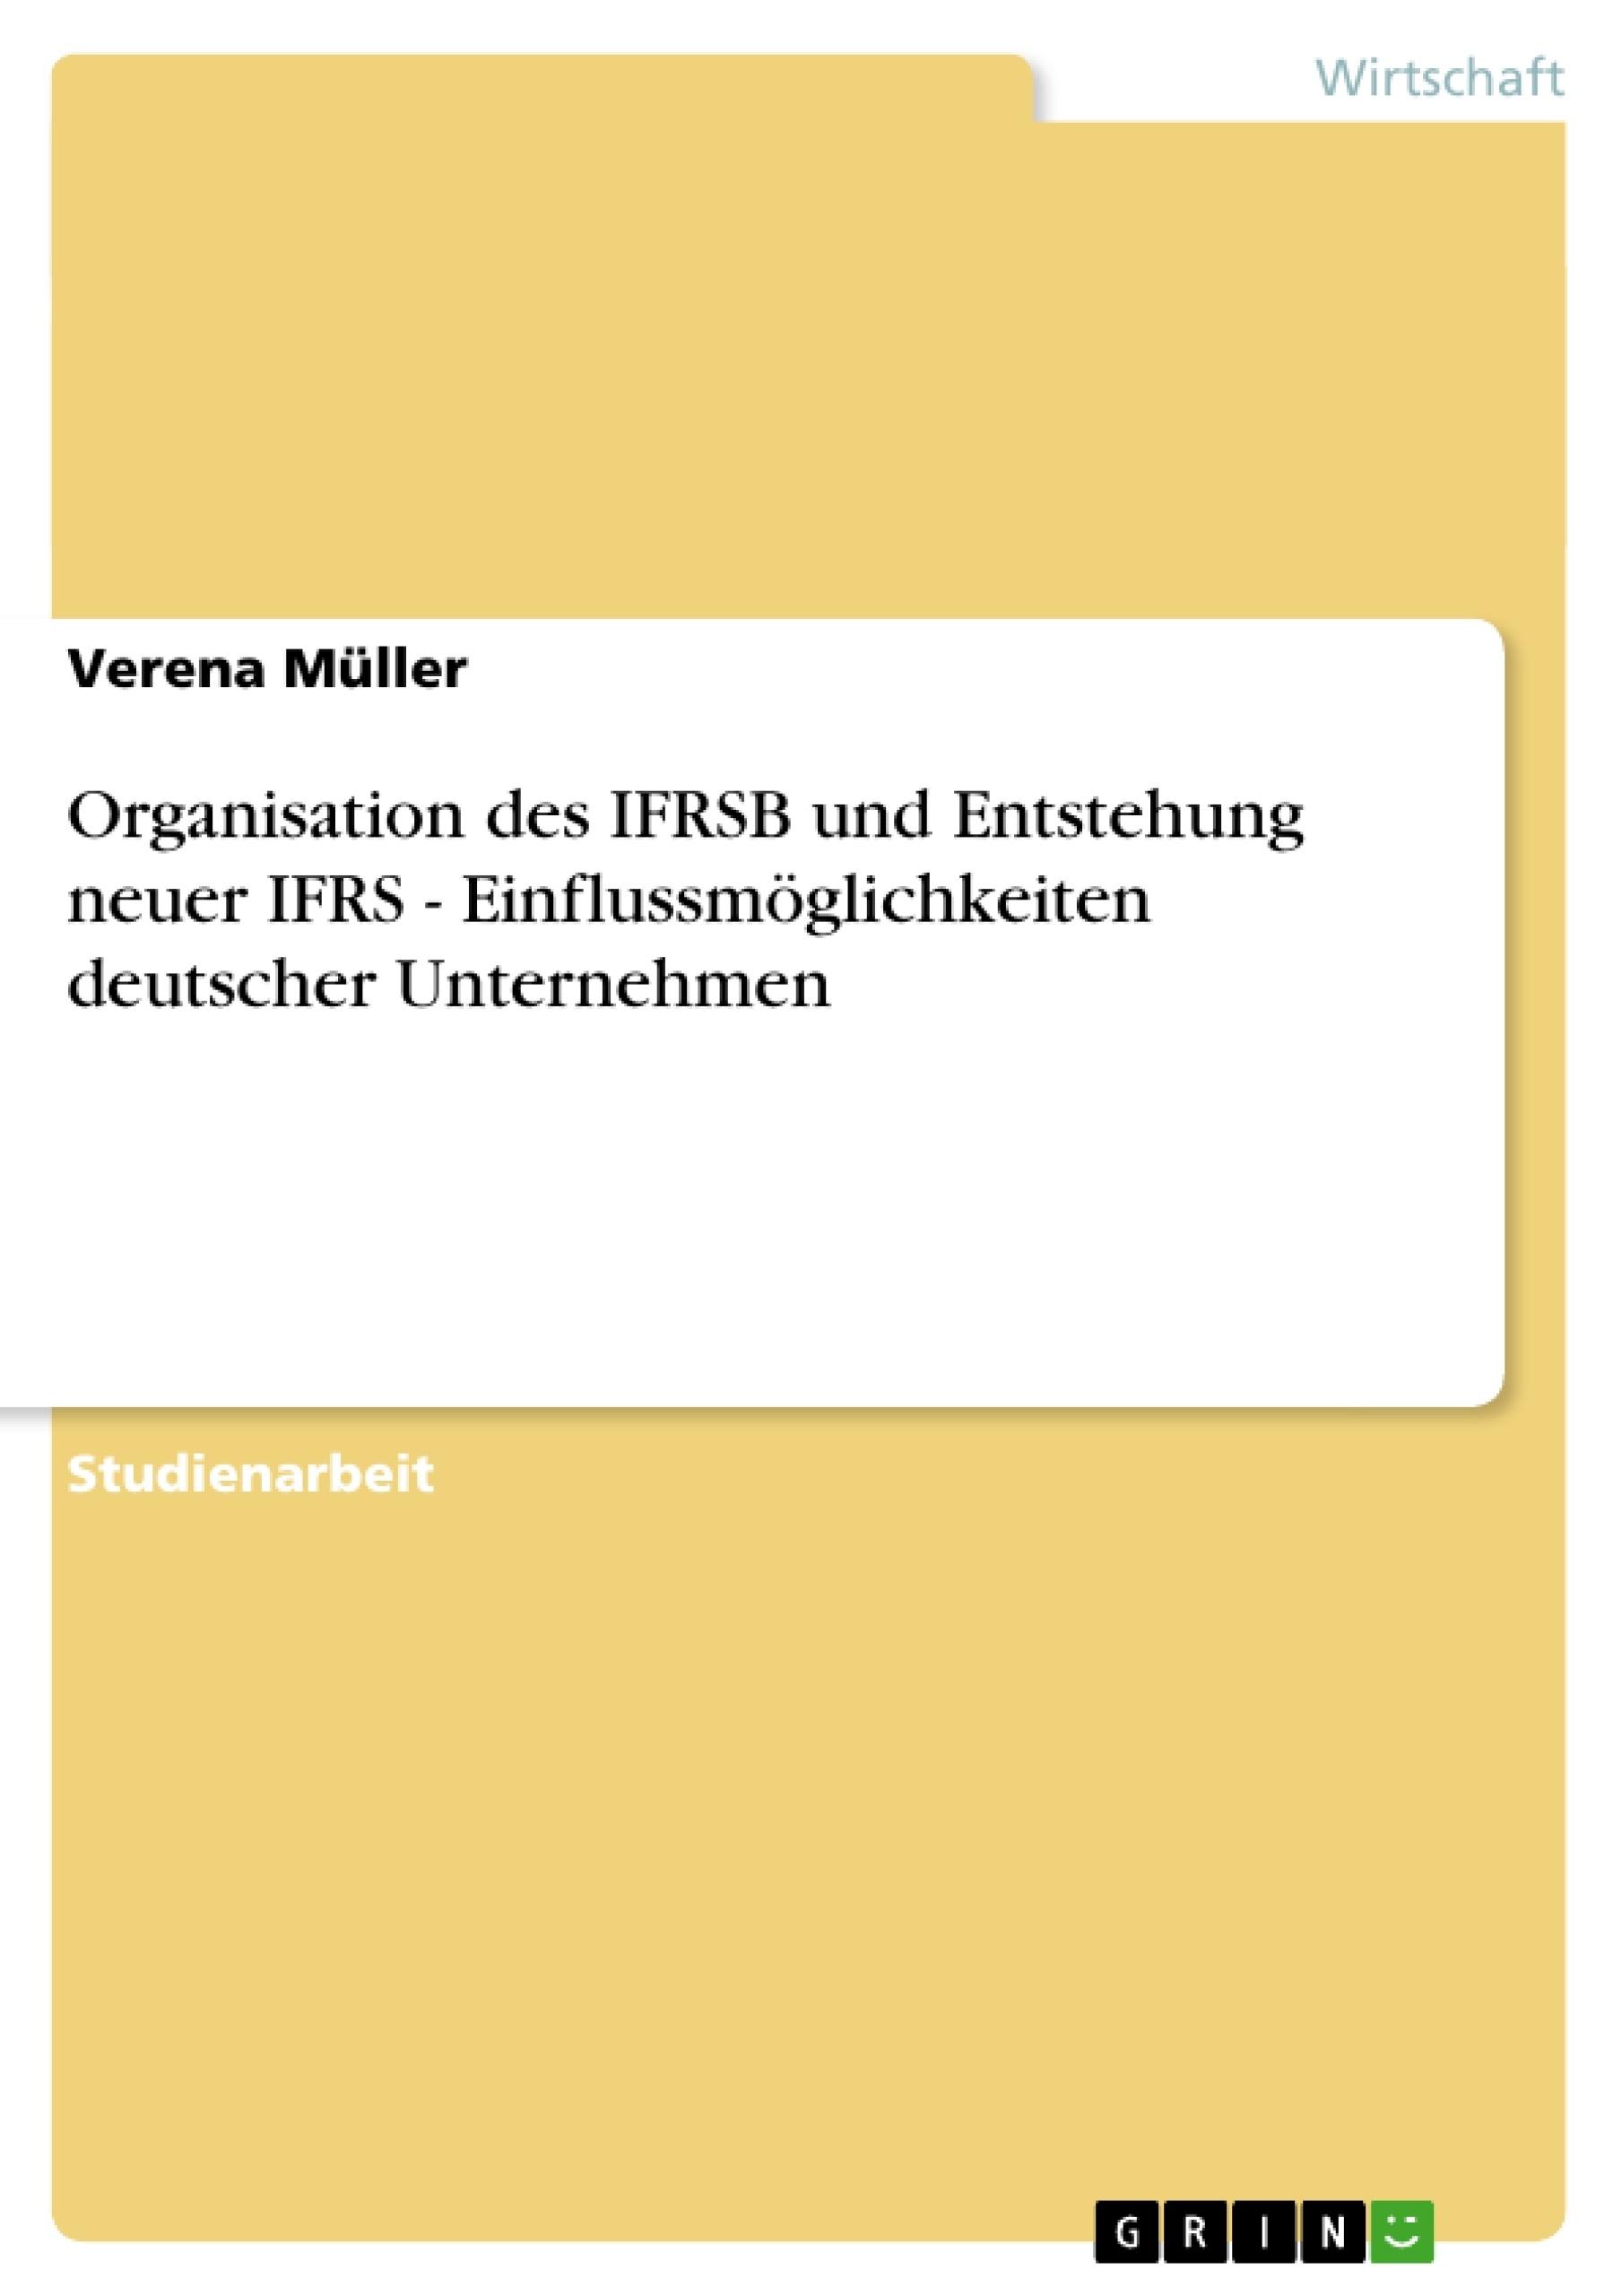 Titel: Organisation des IFRSB und Entstehung neuer IFRS - Einflussmöglichkeiten deutscher Unternehmen